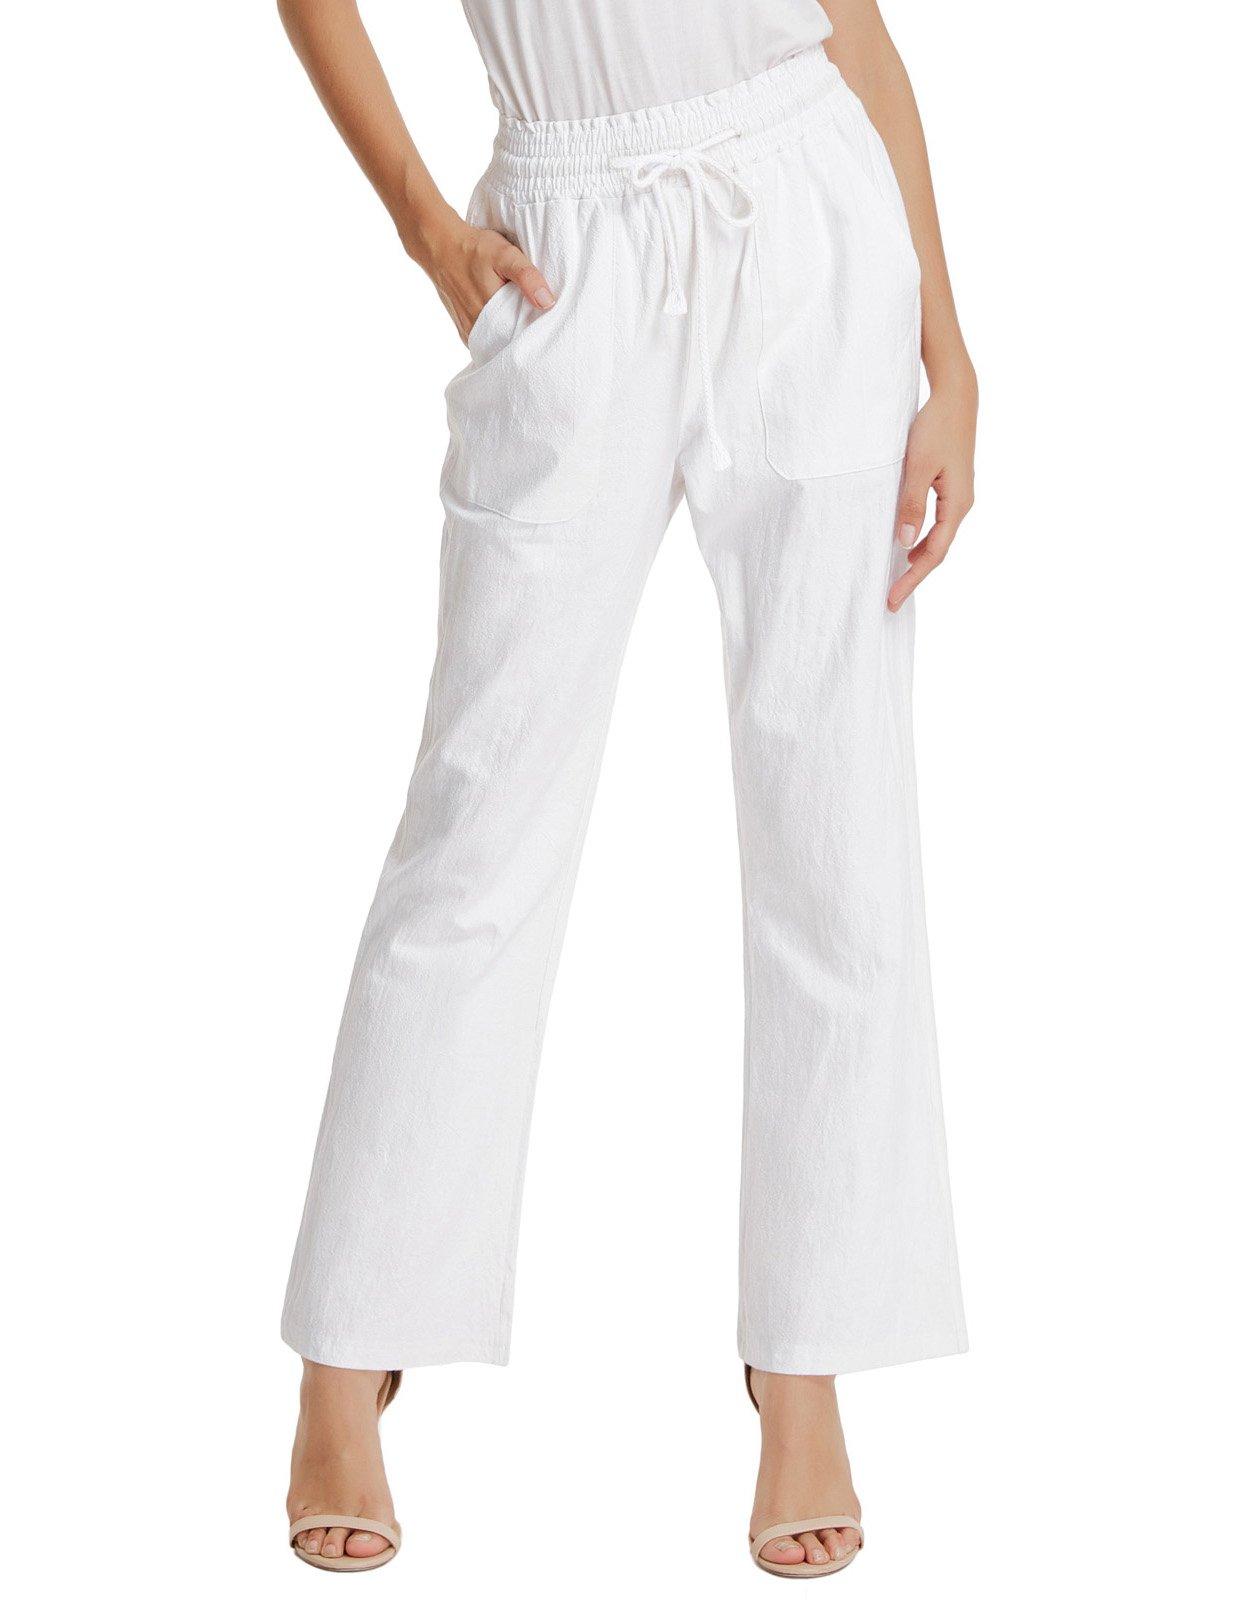 GRACE KARIN Women's Relaxed Fit Straight Leg Cargo Pant Straight Leg Pant Trouser White L